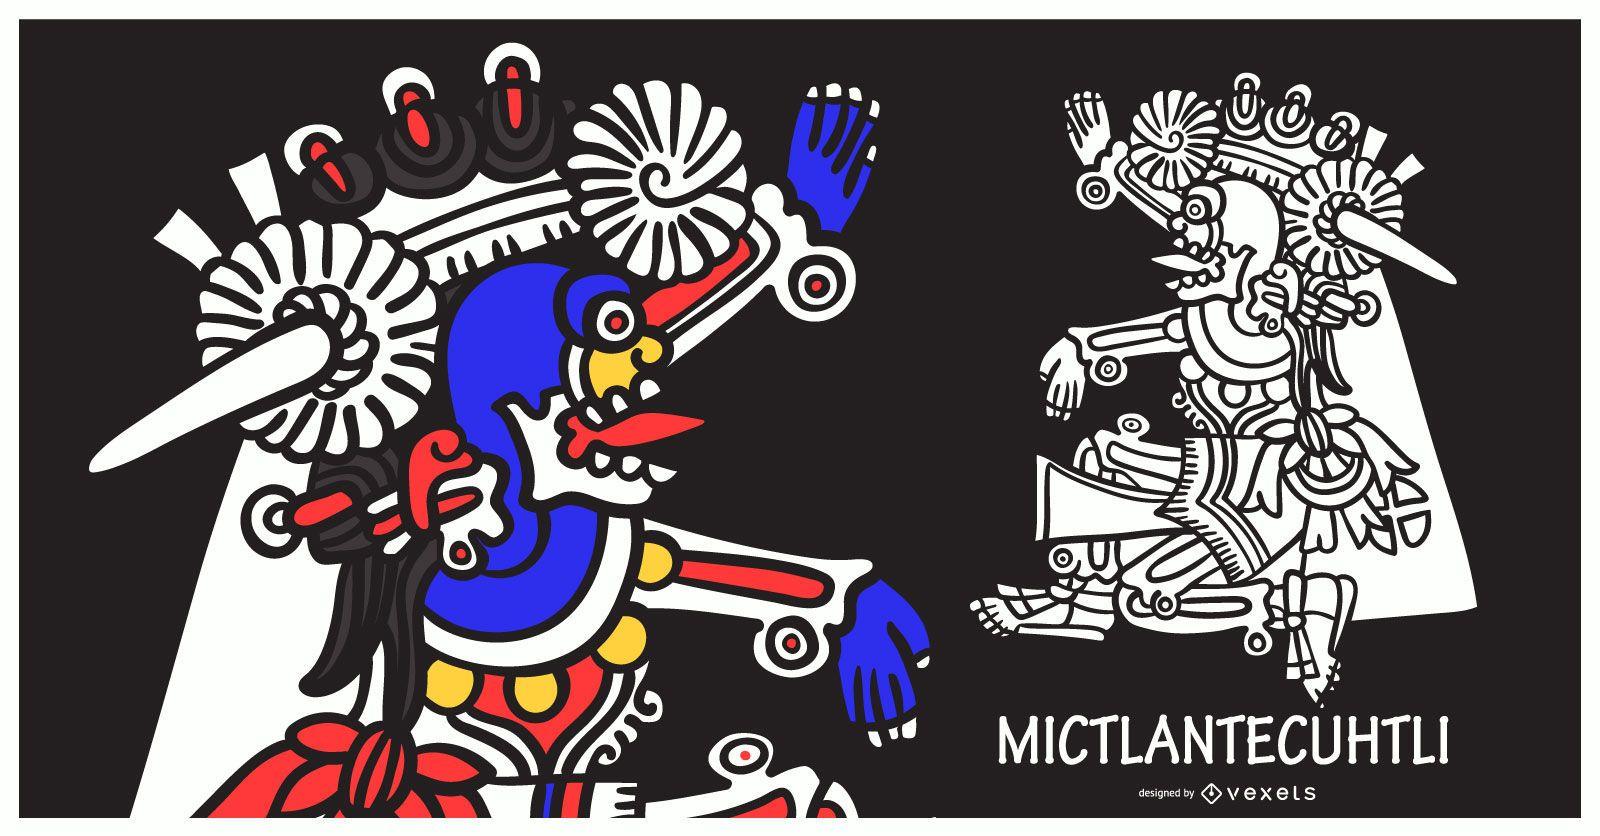 Aztec god mictlantecuhtli illustration